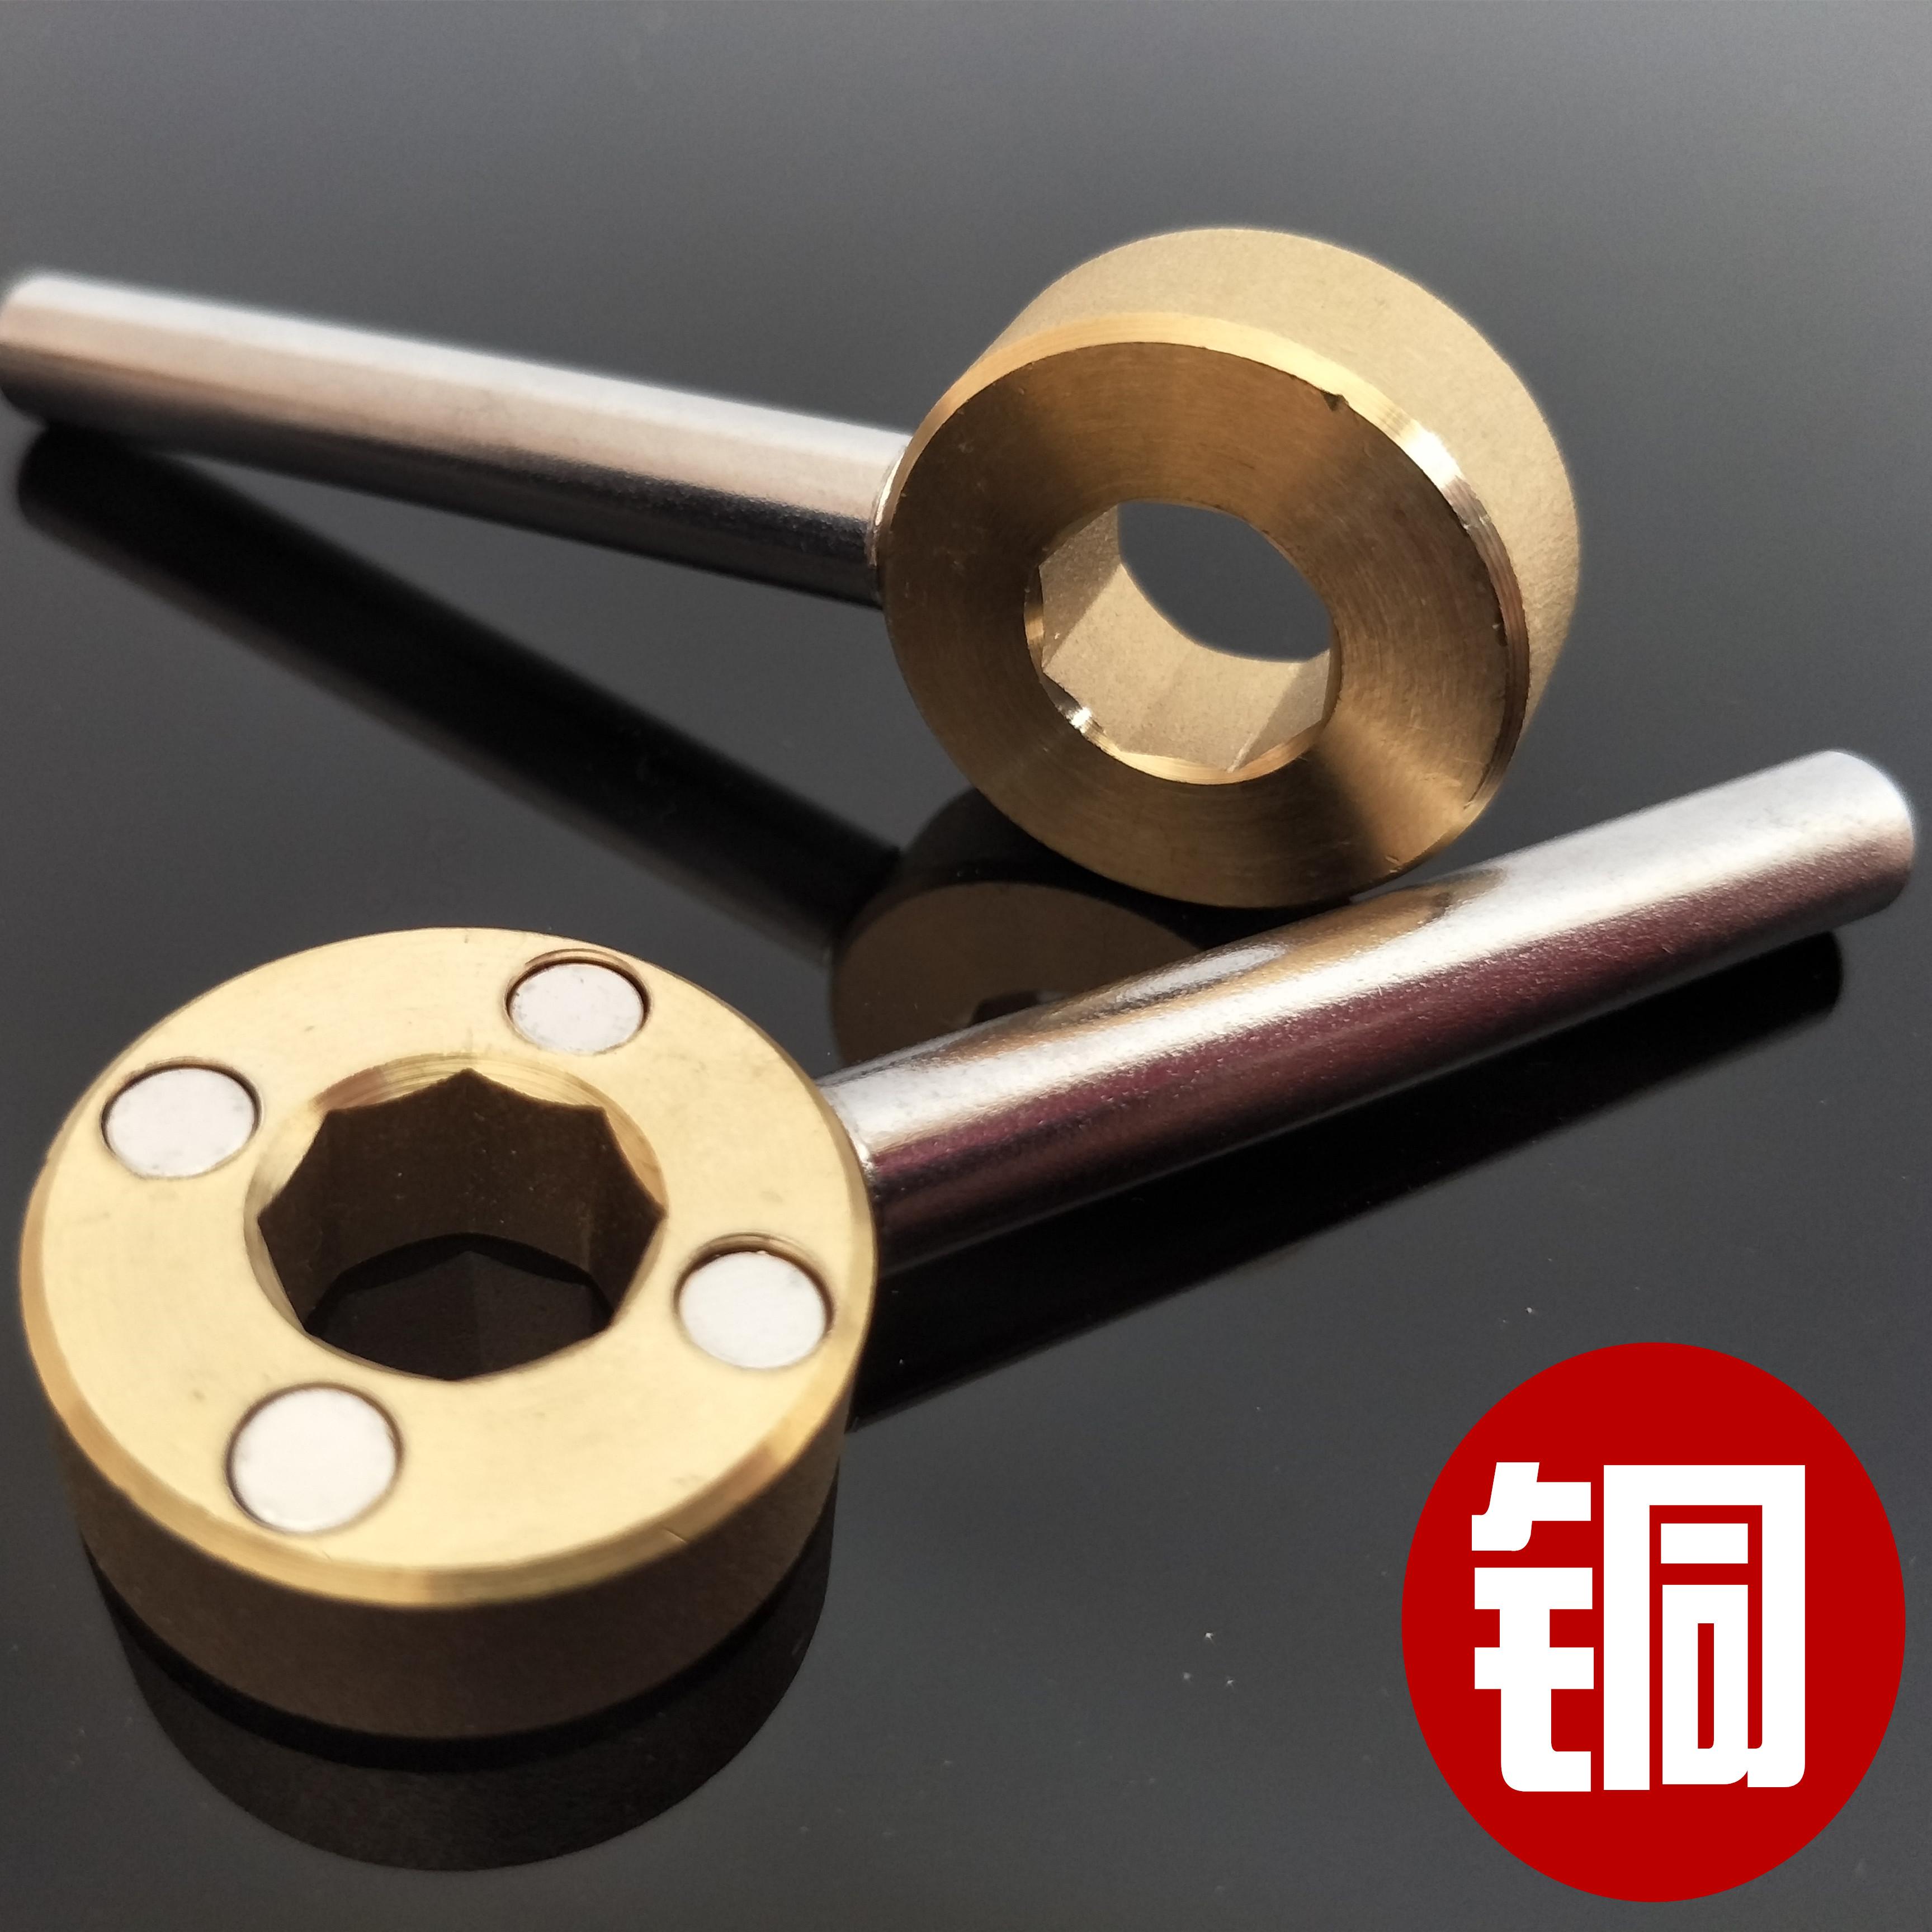 (хи) новой восьмигранной блокировки клапан клапан отопление ключ магнитный ключ клапан переключения счетчик воды водопроводной воды